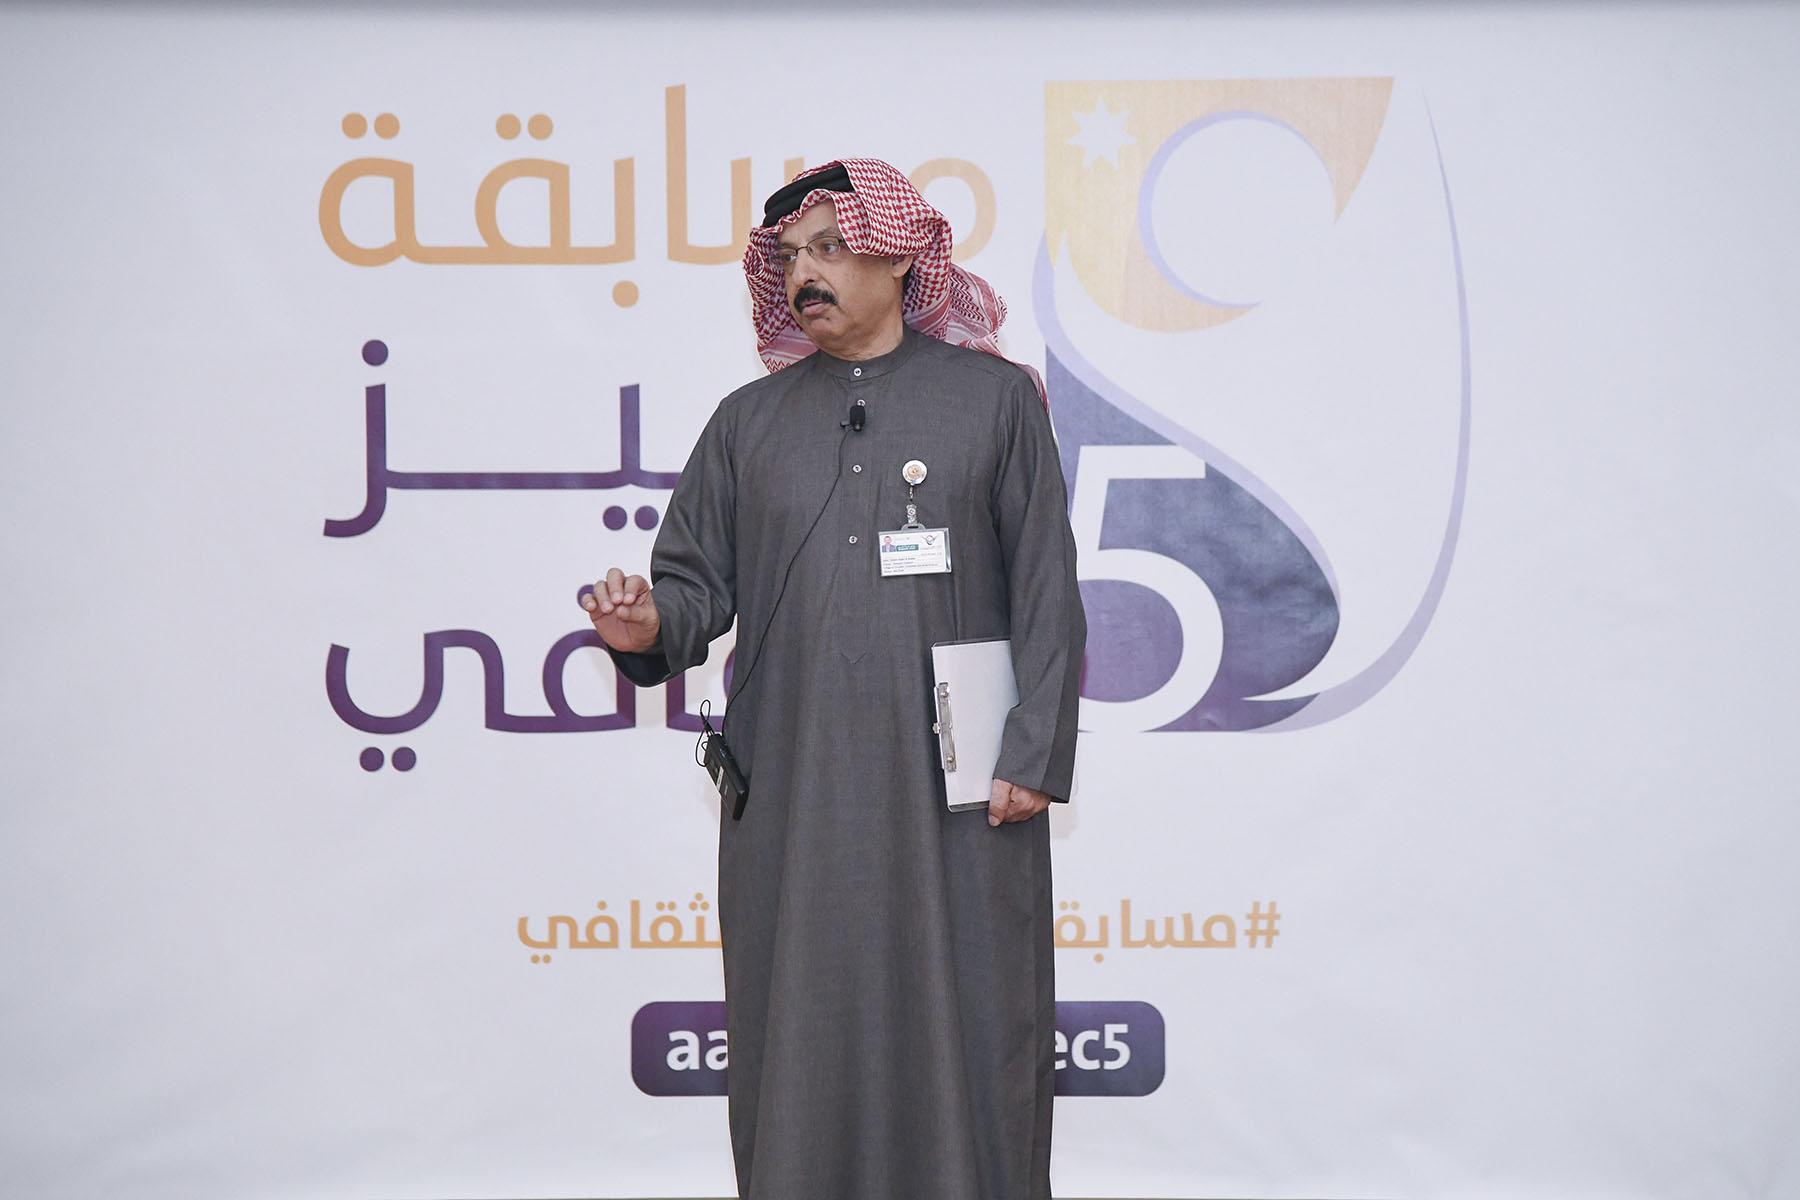 اليوم الرابع (أكاديمية بولاريس الخاصة ضد الإمارات الخاصة- أبوظبي)